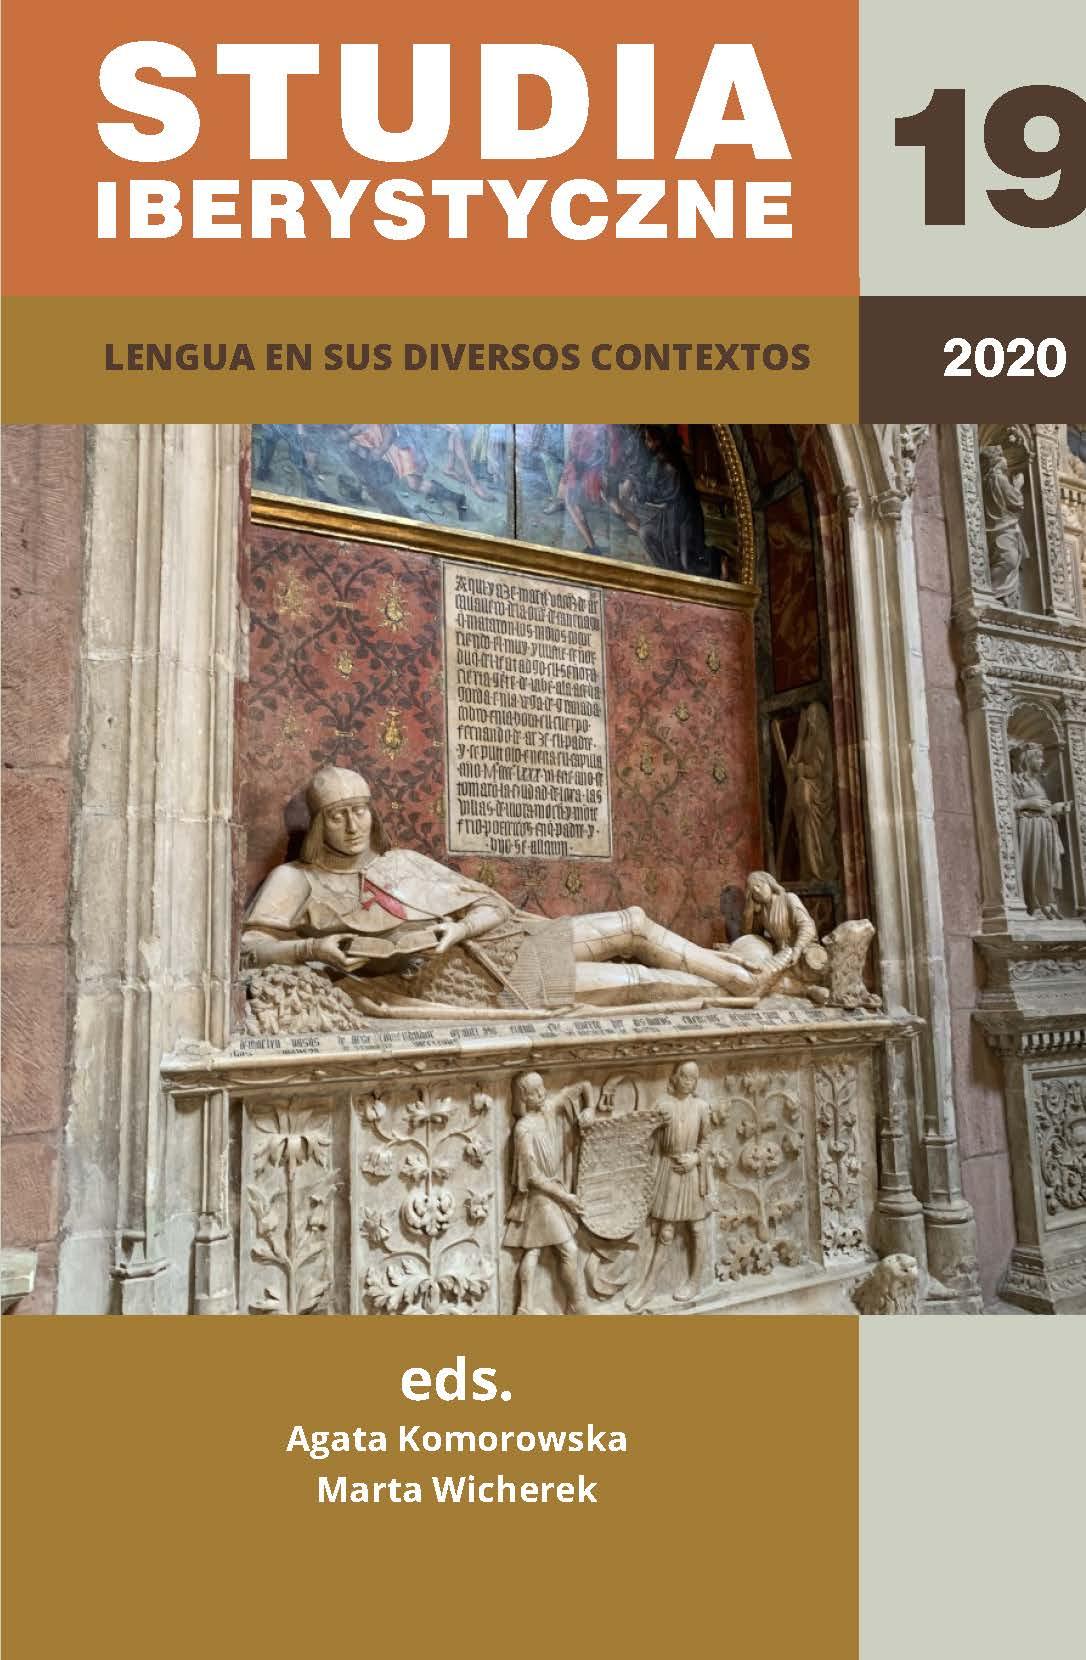 View Vol. 19 (2020): Lengua en sus diversos contextos